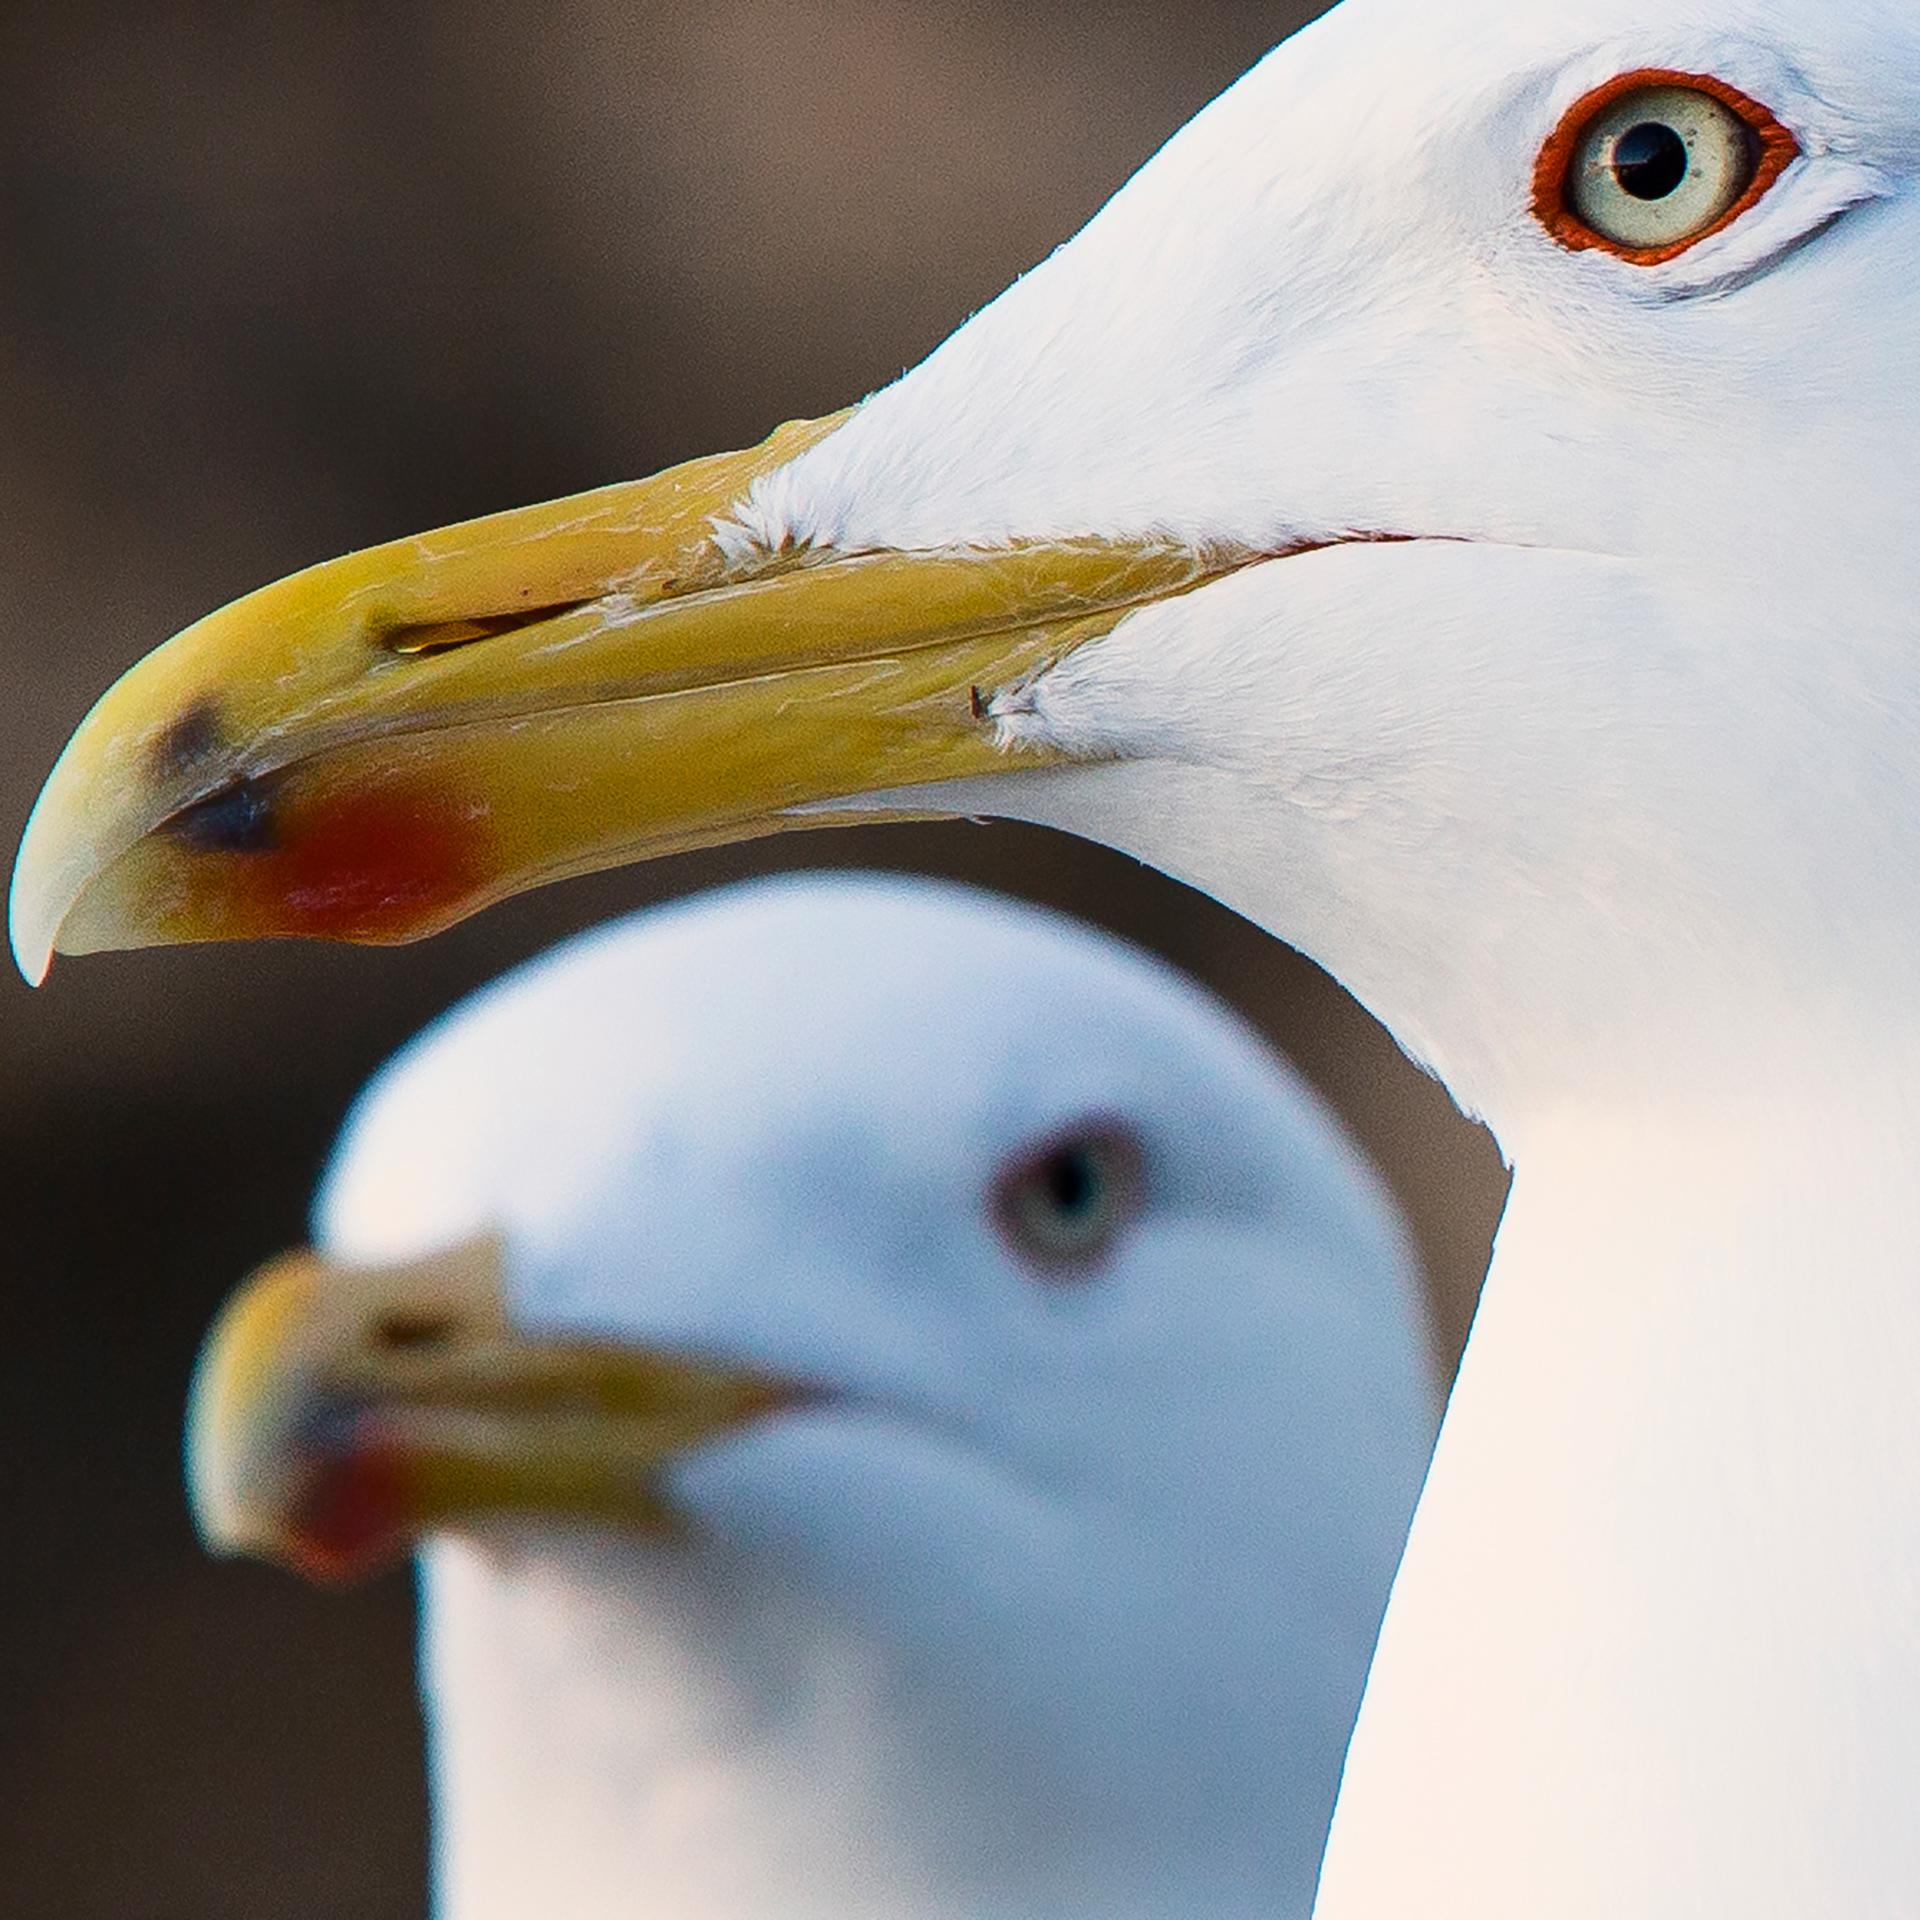 Seagulls, Tallinn, gulls, closeup, birds